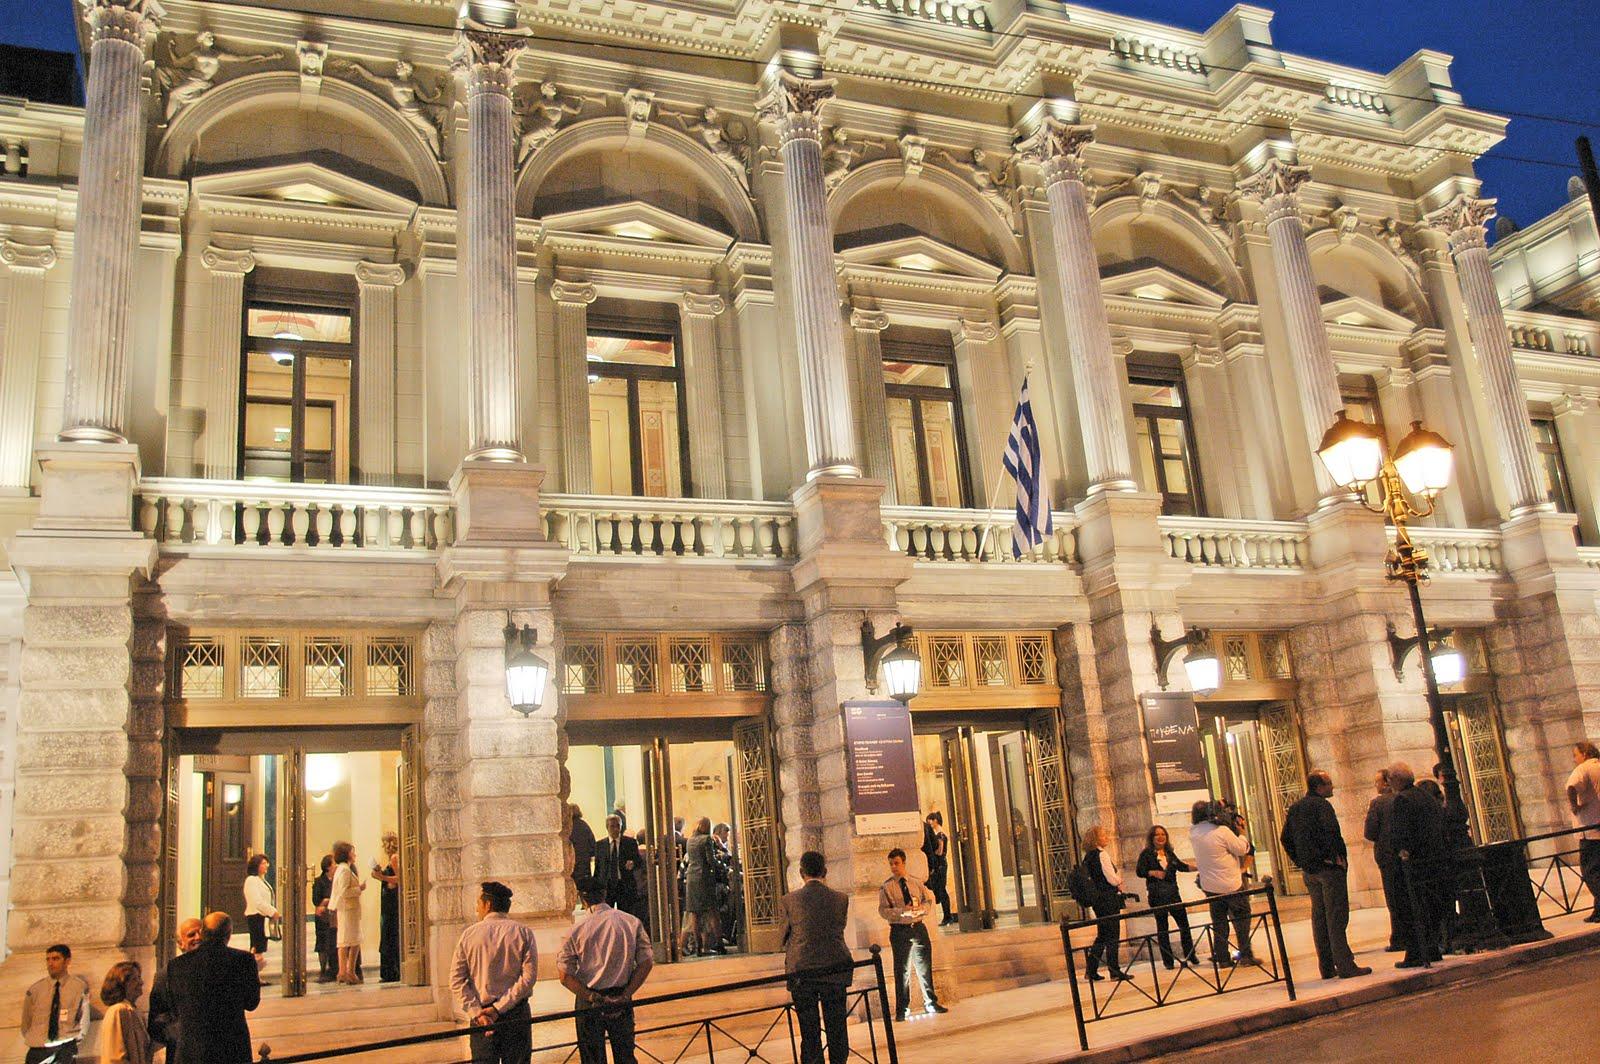 15 μοναδικά όμορφες γωνιές της παλιάς Αθήνας που υπάρχουν ακόμα! 1428264627-2d7fa97853ca9d74a657894a10e0cebc